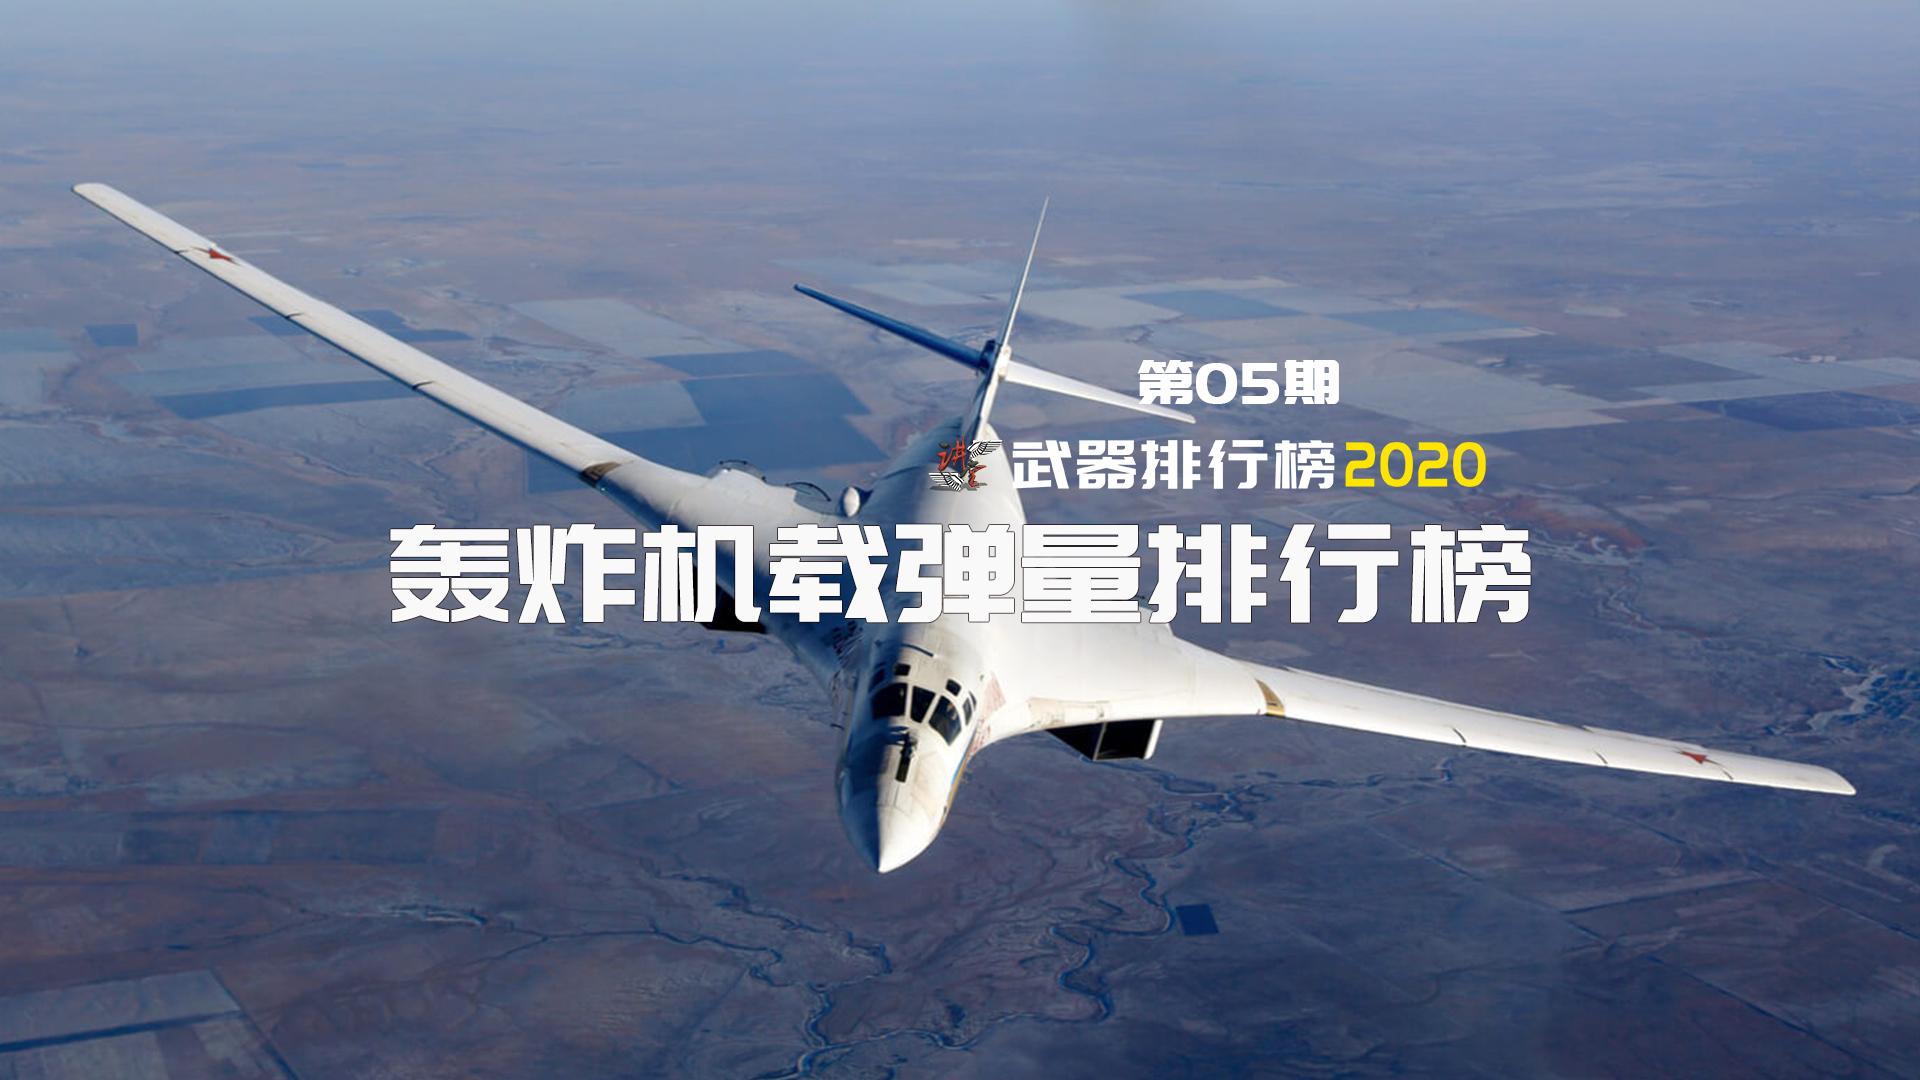 【武器排行榜2020】人类历史上载弹量最大的五款轰炸机,苏联的Tu-160白天鹅太美了